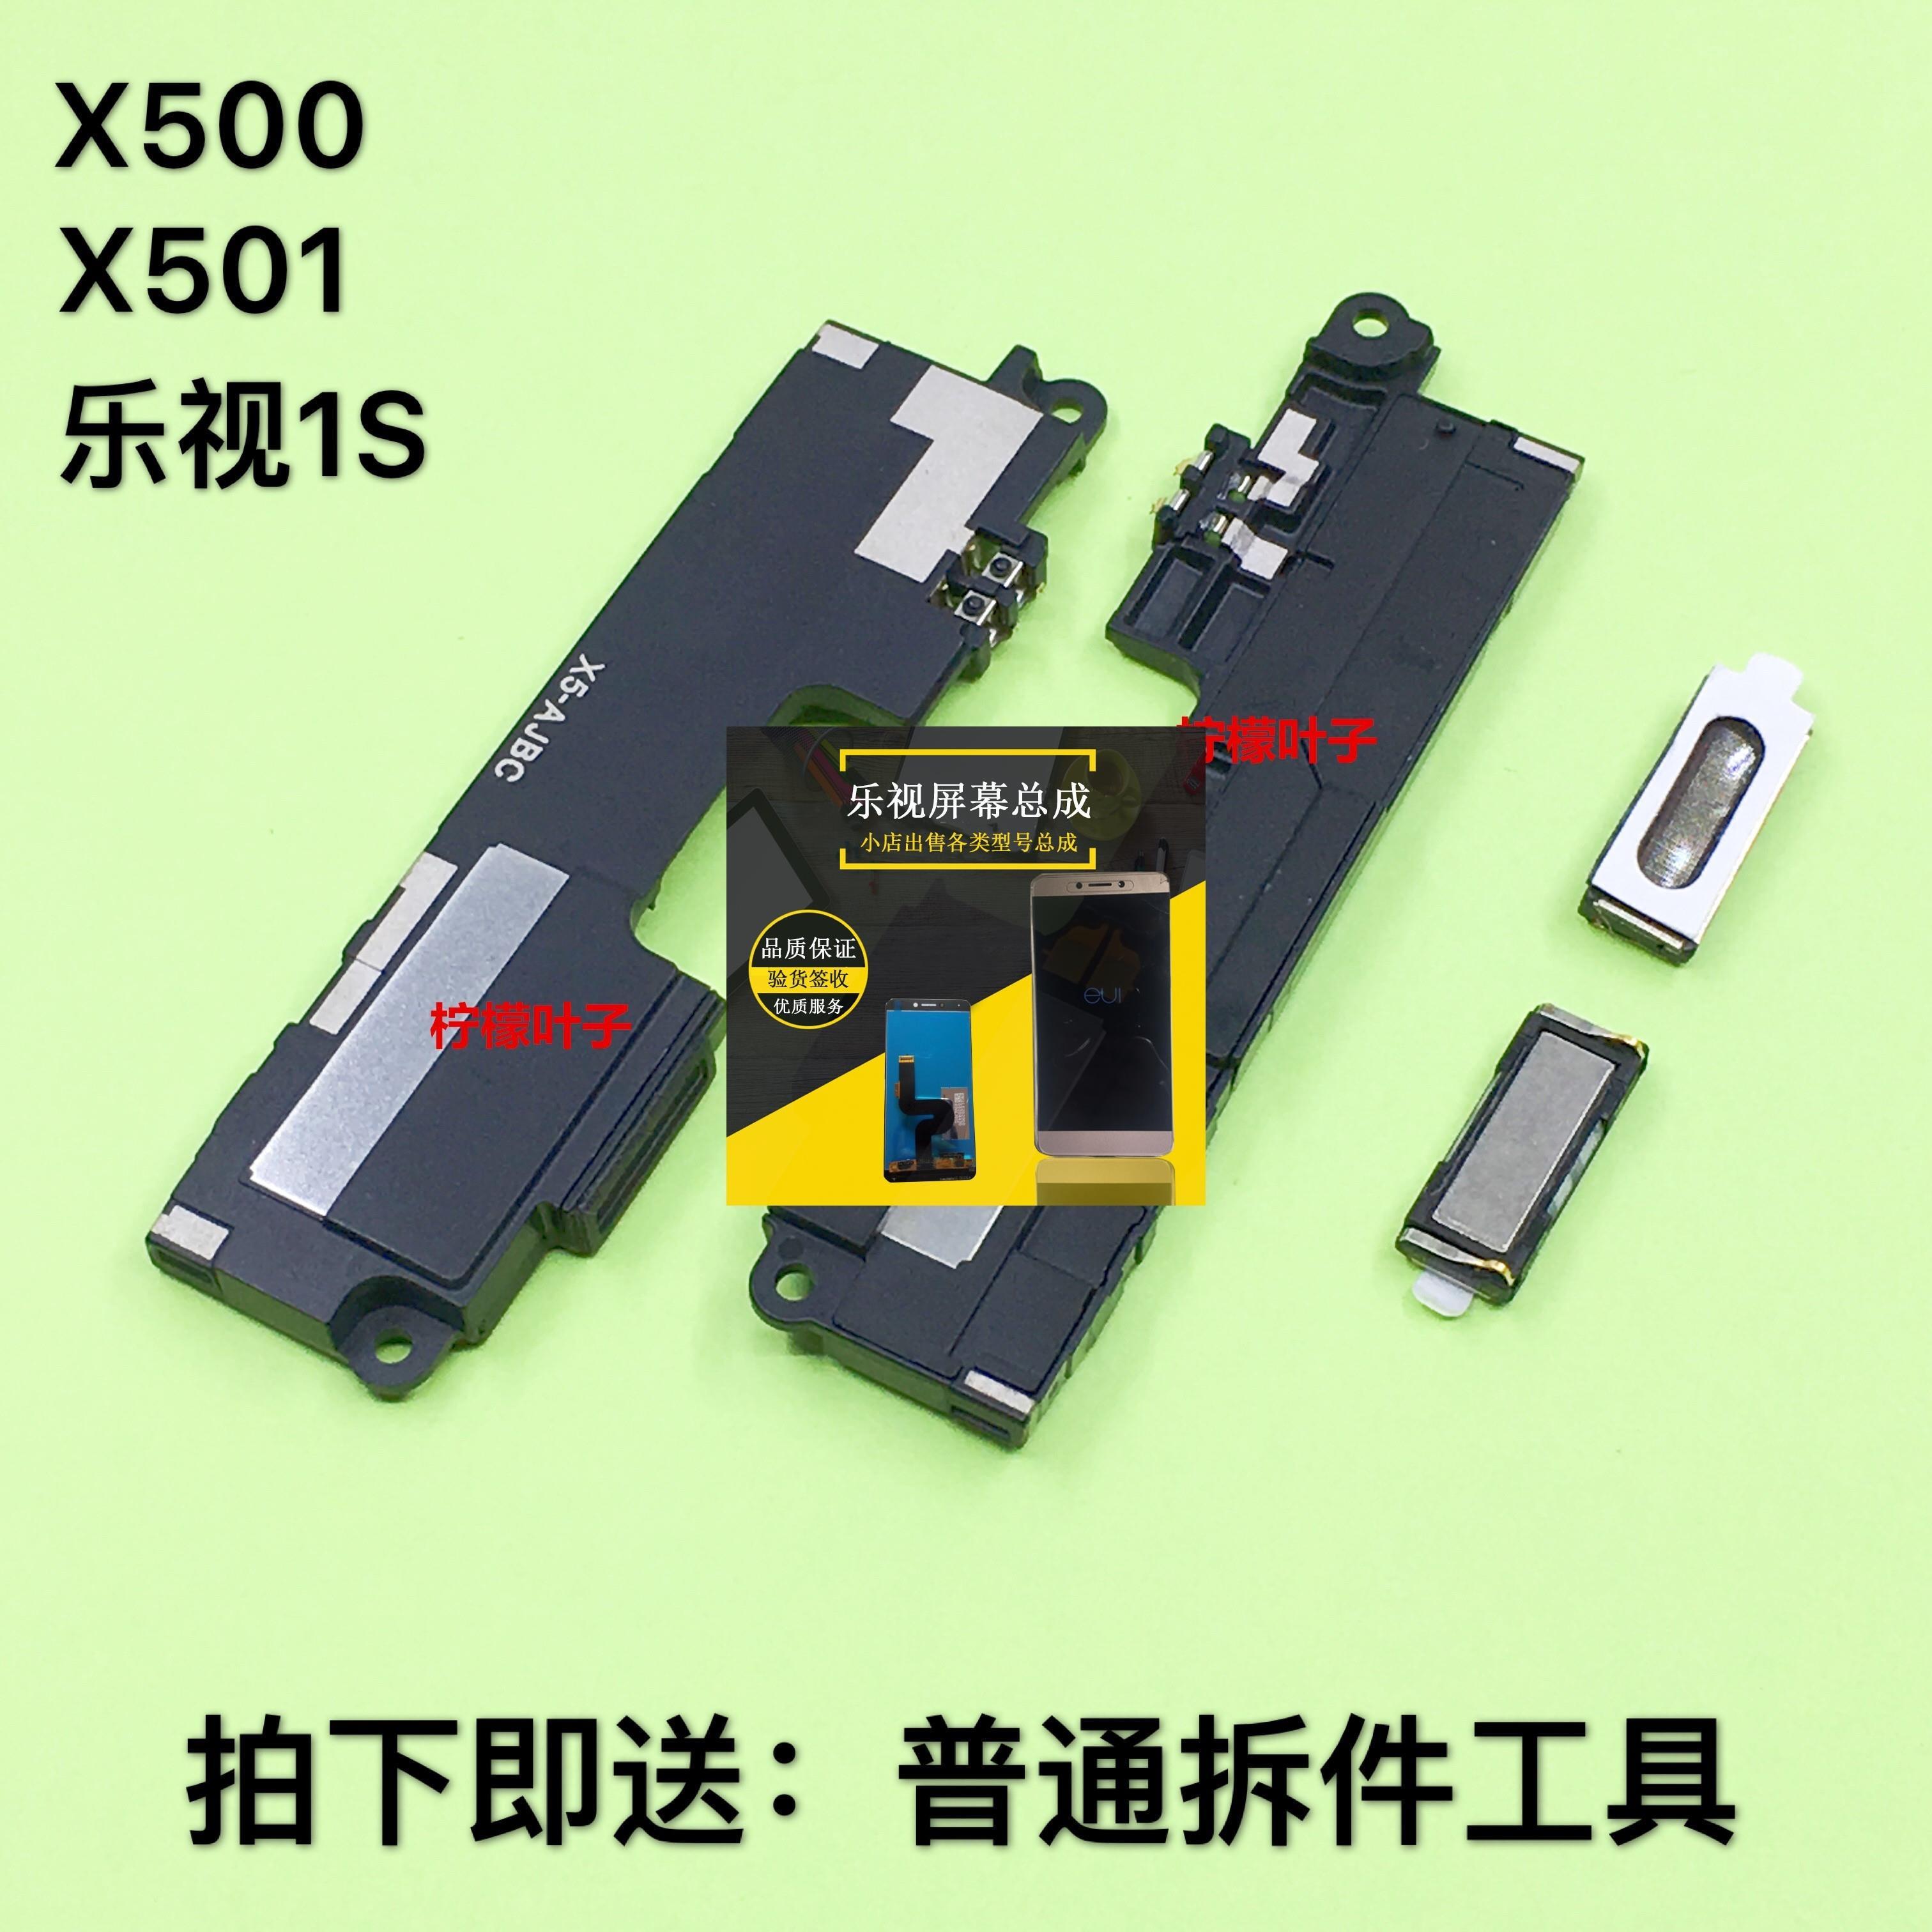 乐视X501扬声器模块听筒 乐视X500手机振铃乐视手机1S喇叭总成 手